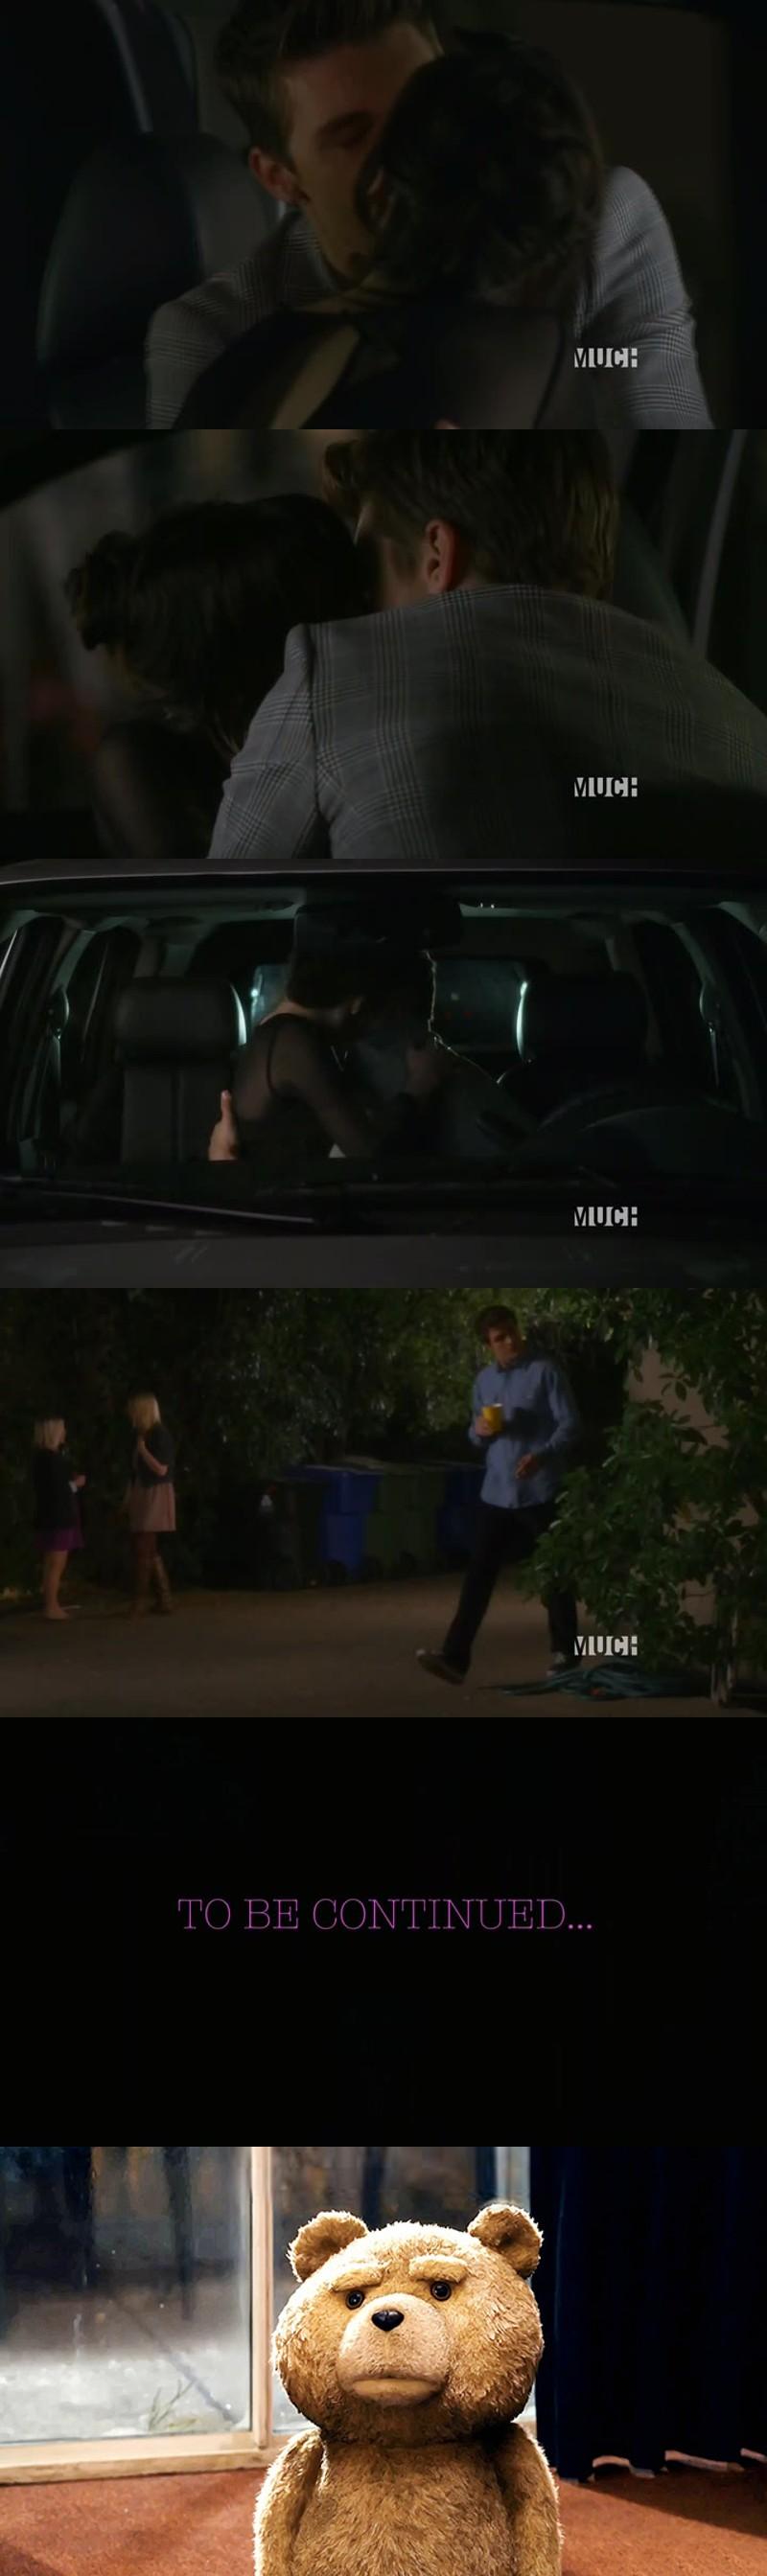 Jenna est si égoïste. Matty laime vraiment, pourquoi elle va toujours voir ailleurs? Elle menerve vraiment !!